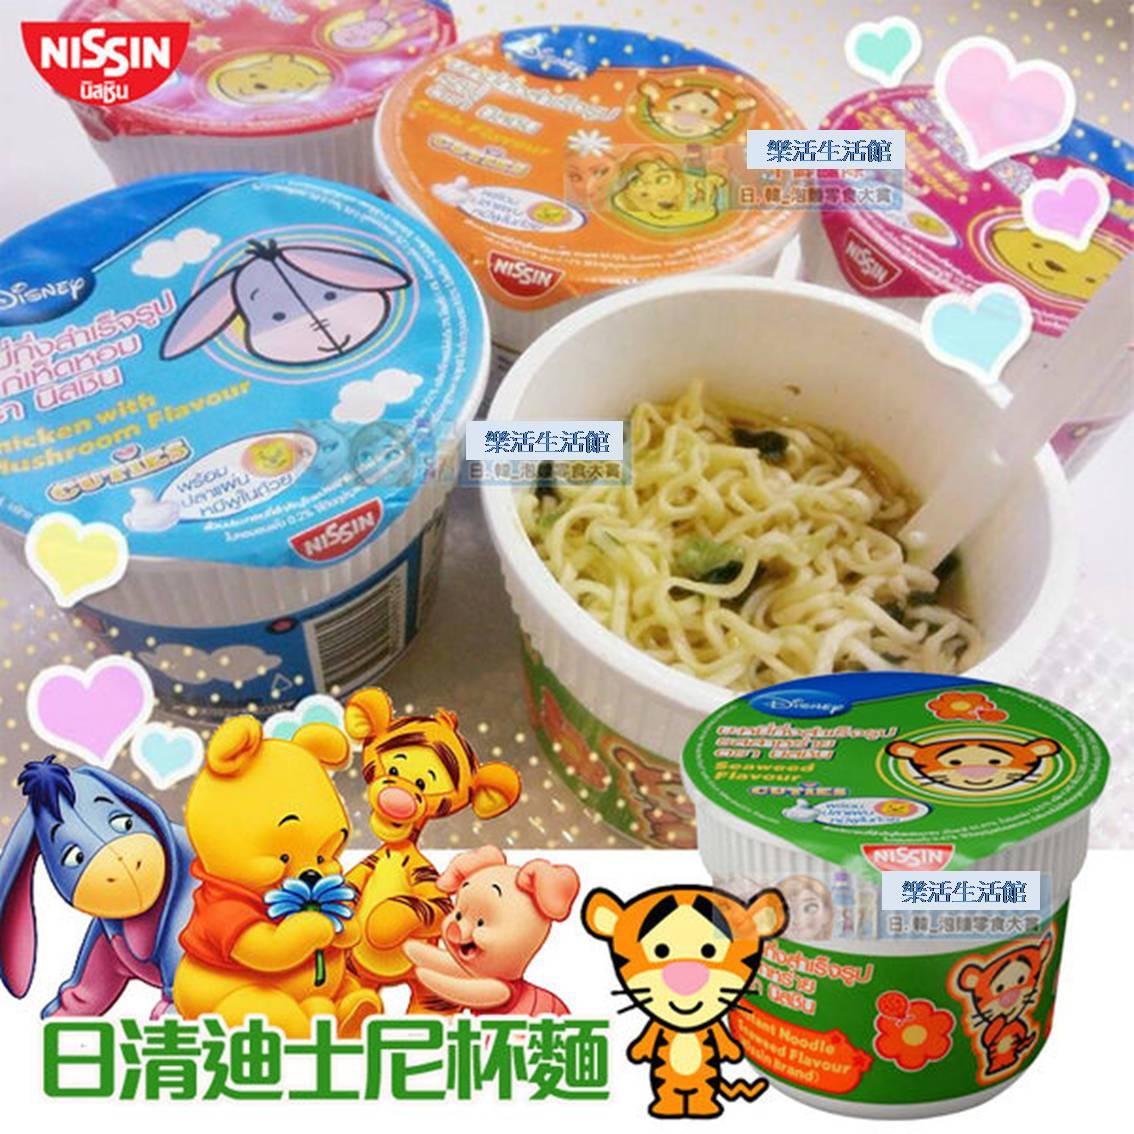 泰國Nissie迪士尼杯麵系列 泡麵 蟹肉/雞肉玉米/雞肉香菇【樂活生活館】